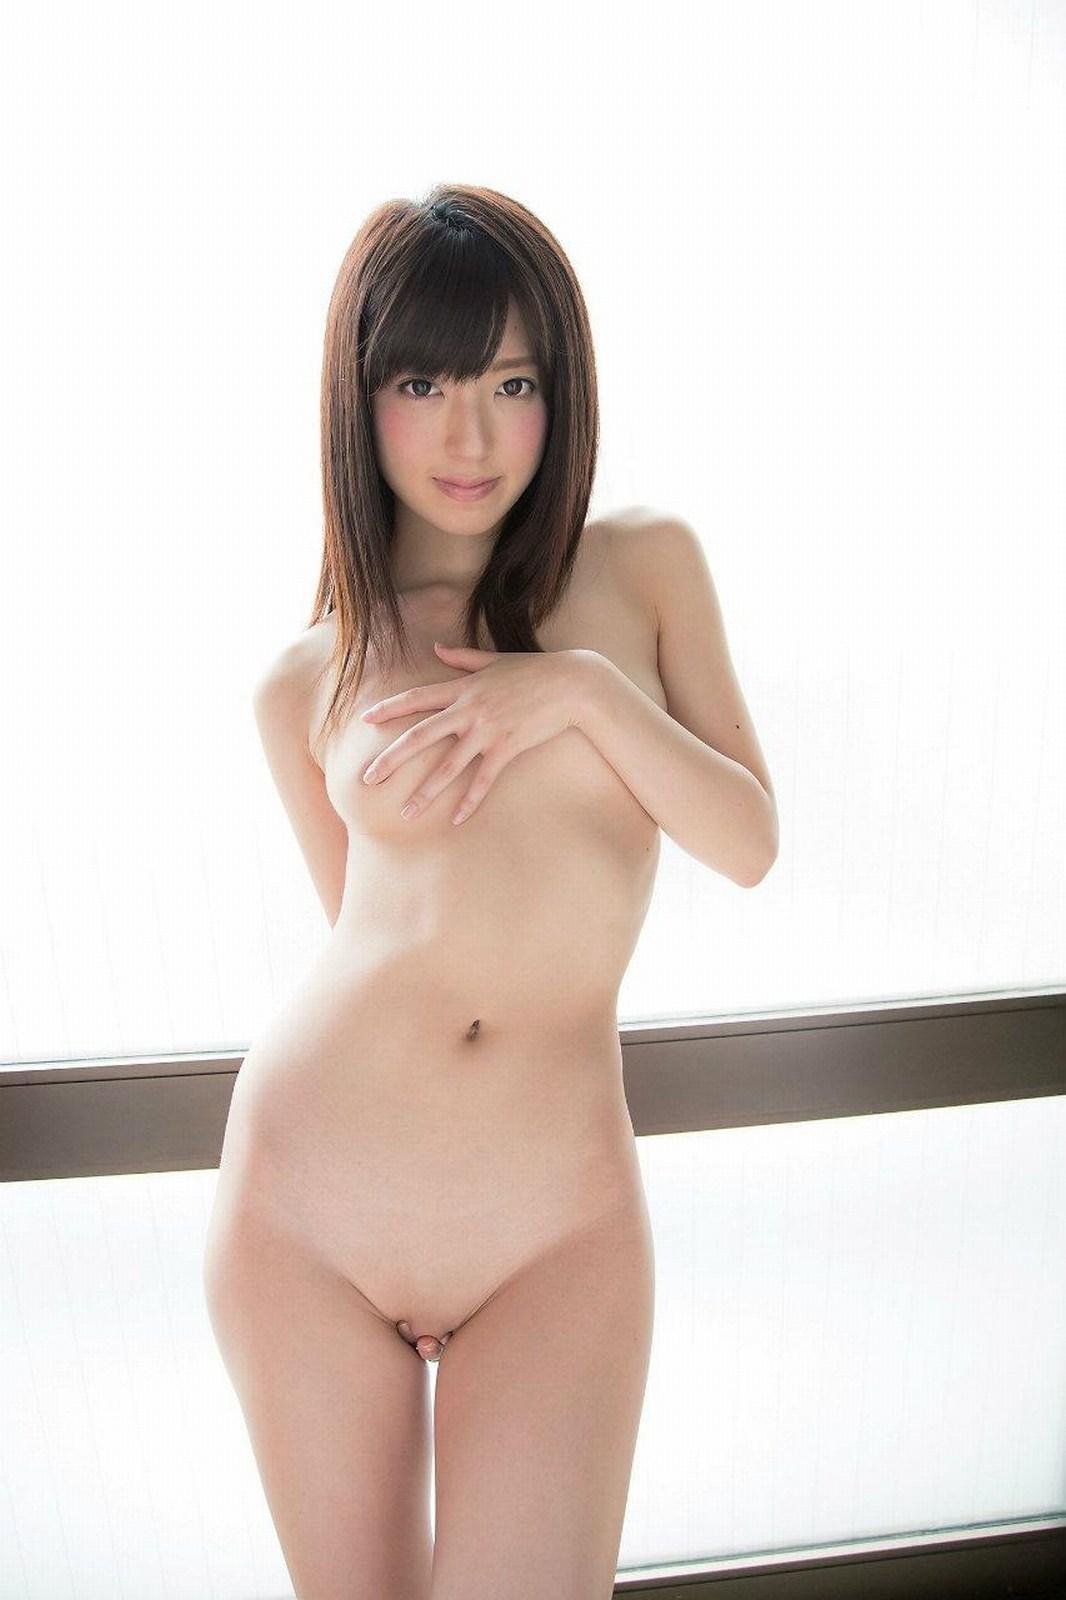 全裸でオマンコ必死に隠してる往生際悪い女のエロ画像32枚・27枚目の画像